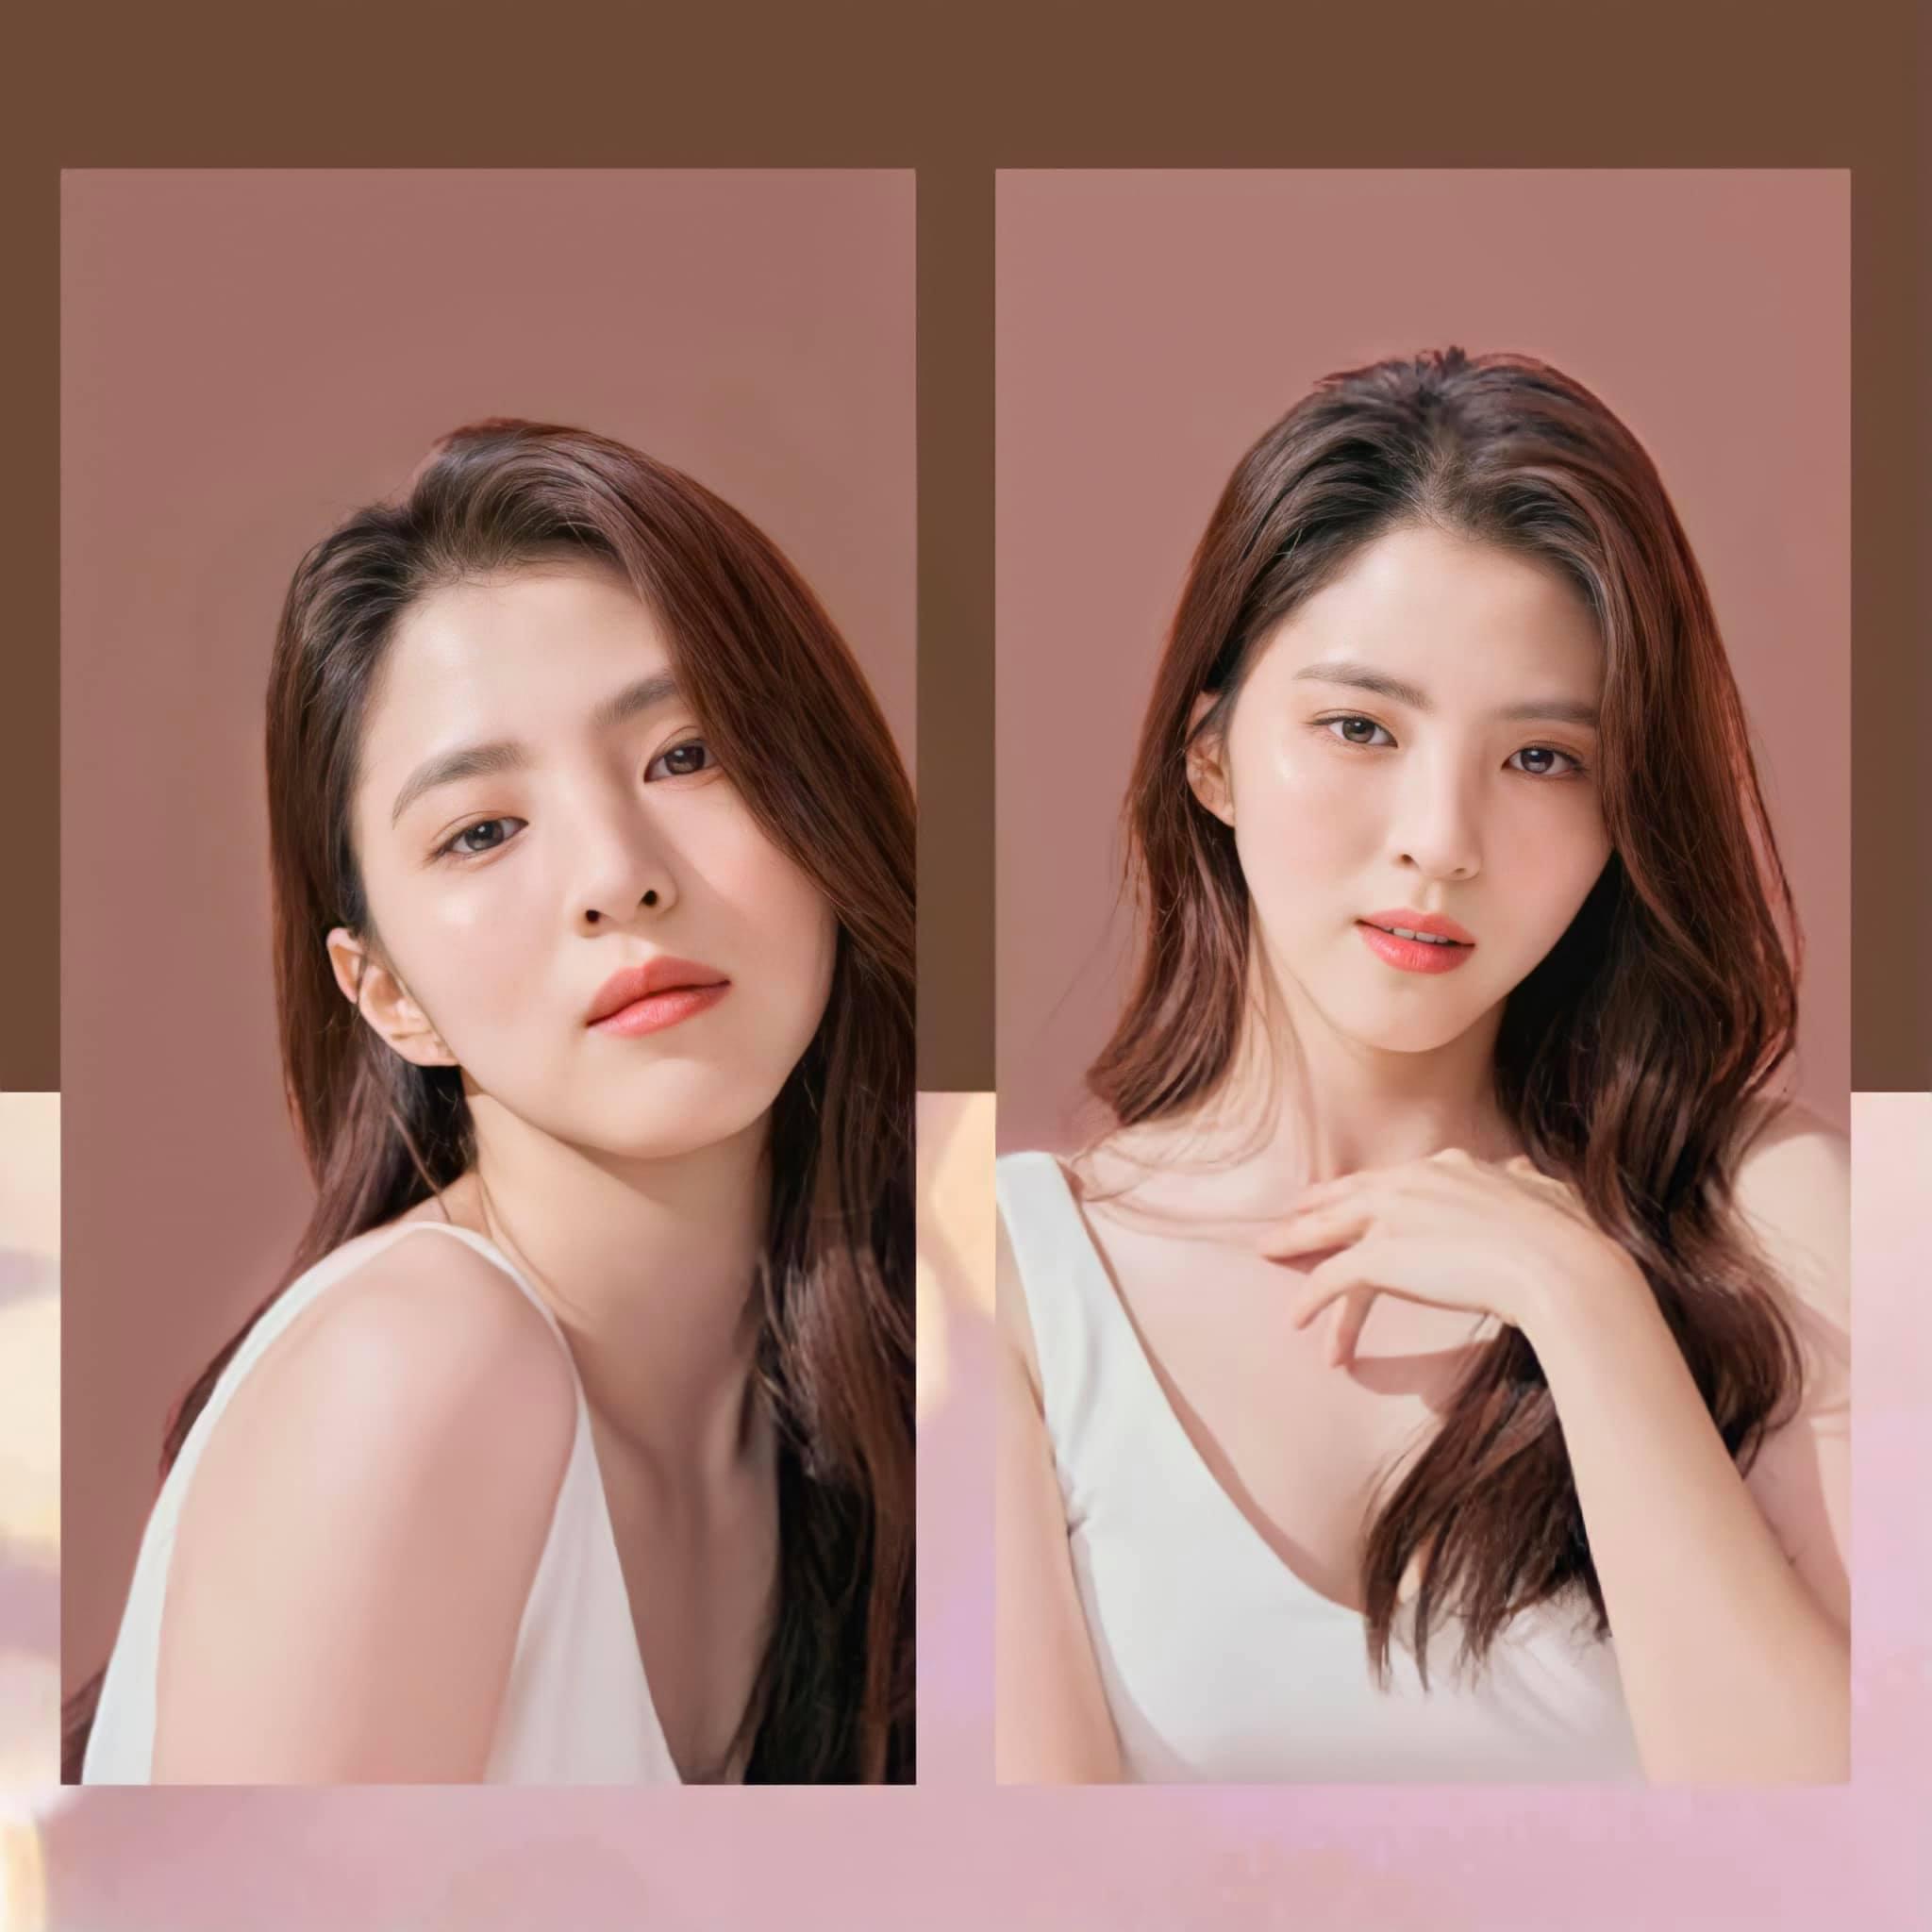 Nữ thần cảnh nóng Han So Hee chứng minh nhan sắc sinh ra để quảng cáo mỹ phẩm - page 2 - 3